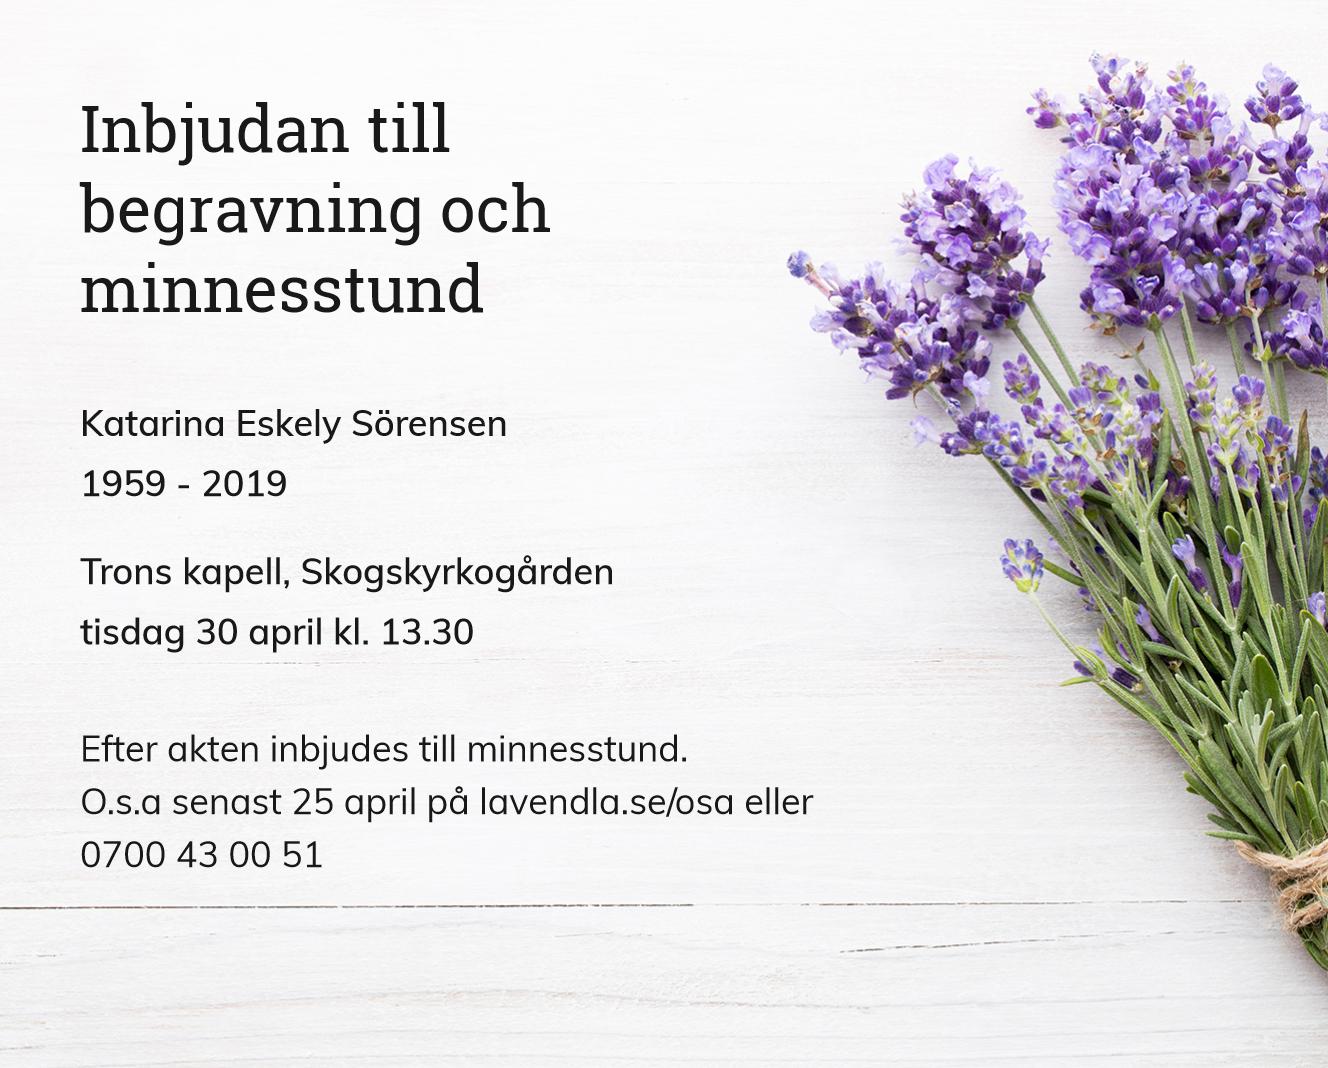 Inbjudningskort till ceremonin för Katarina Eskely Sörensen